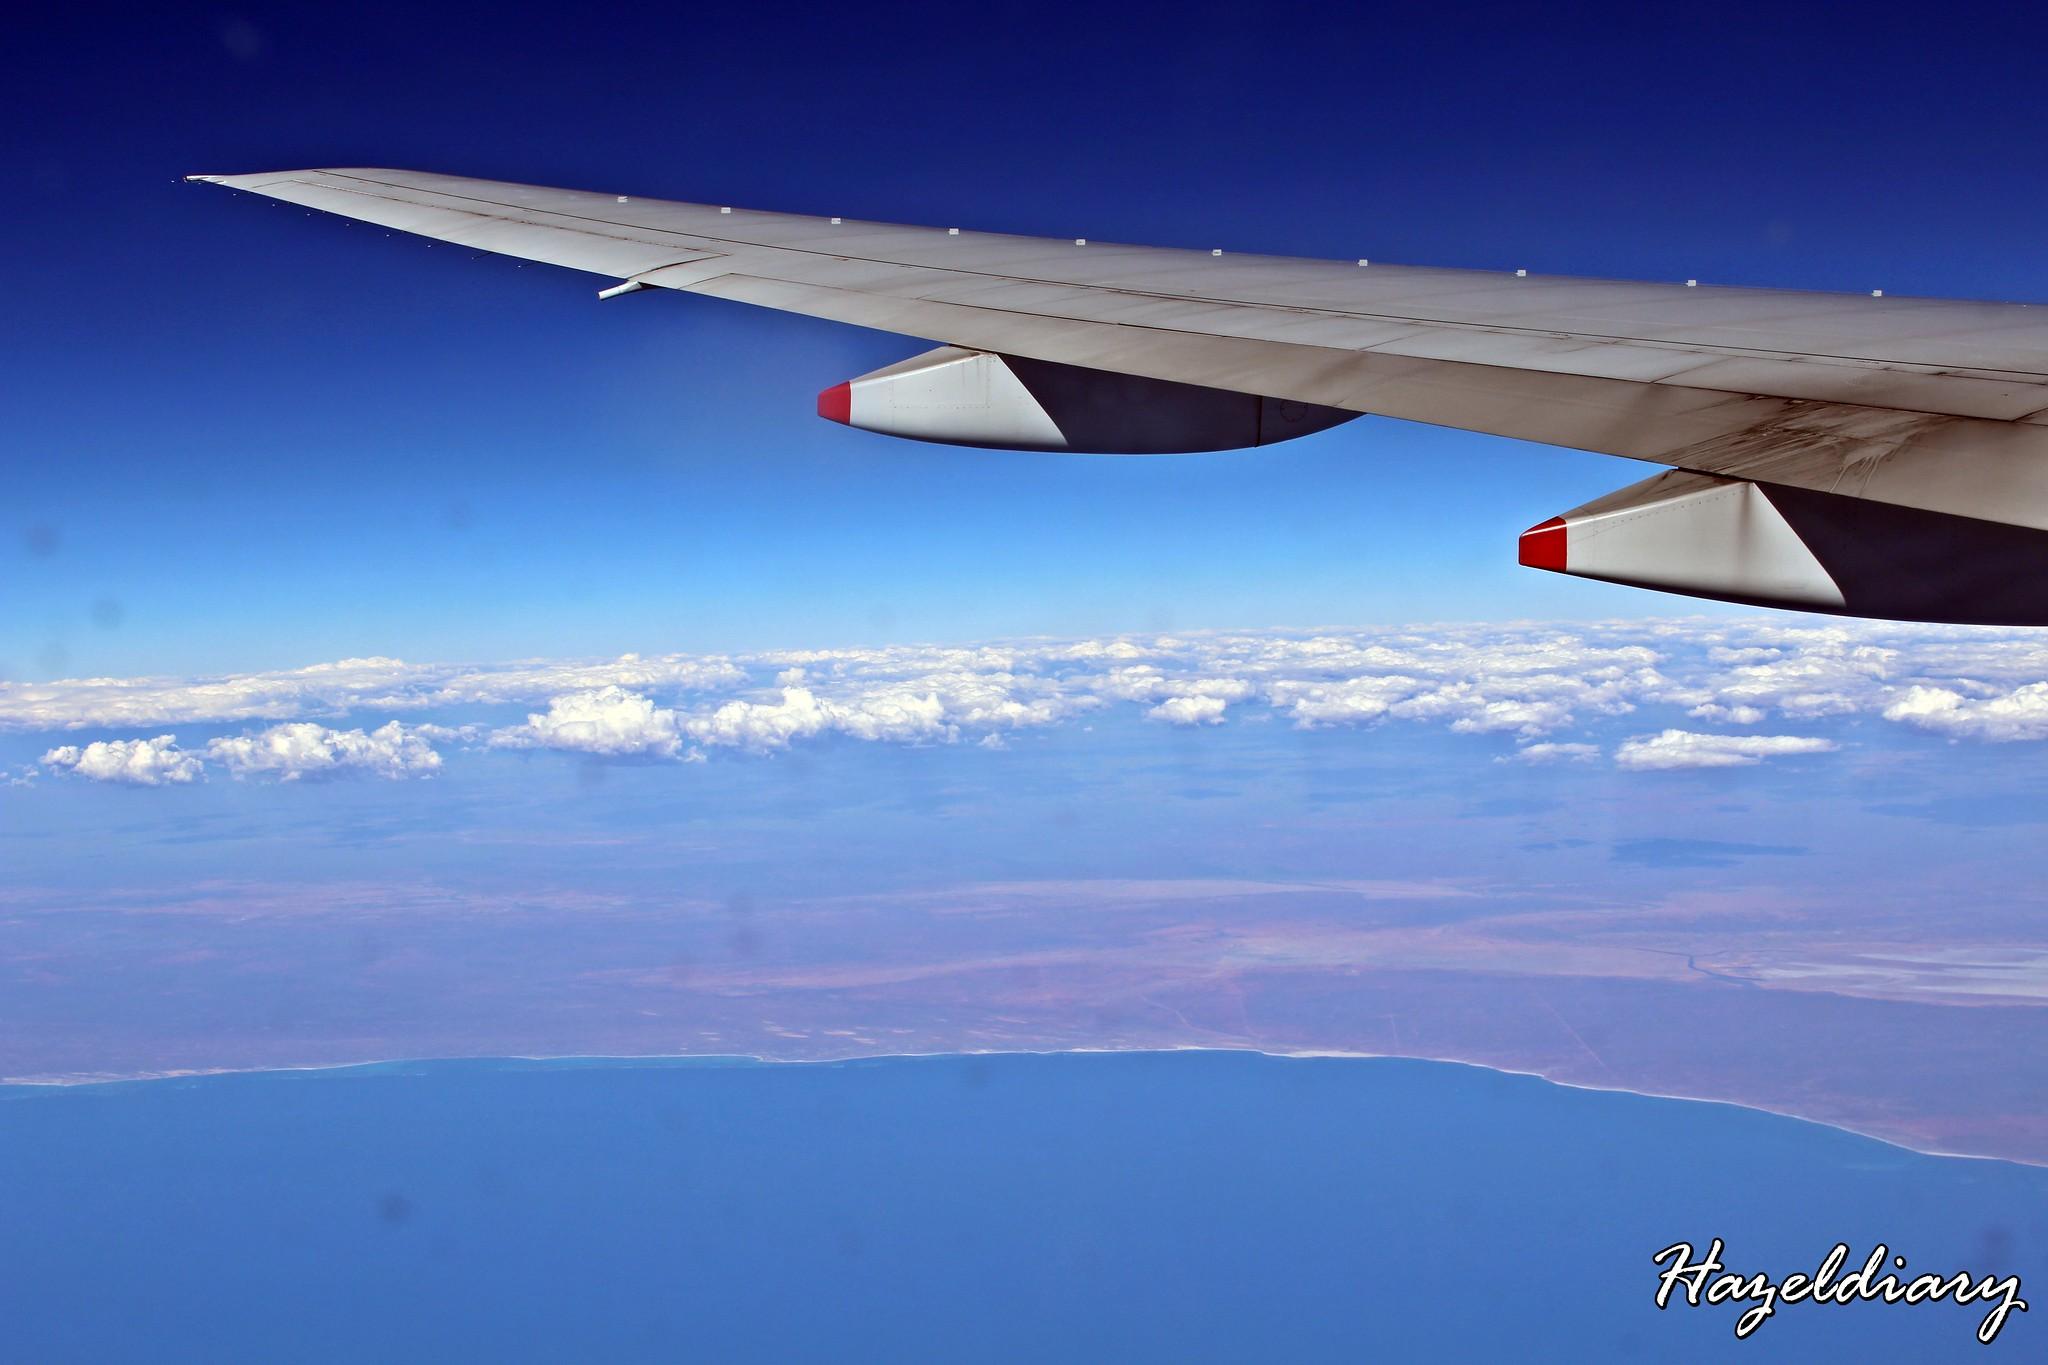 Flight-Hazeldiary